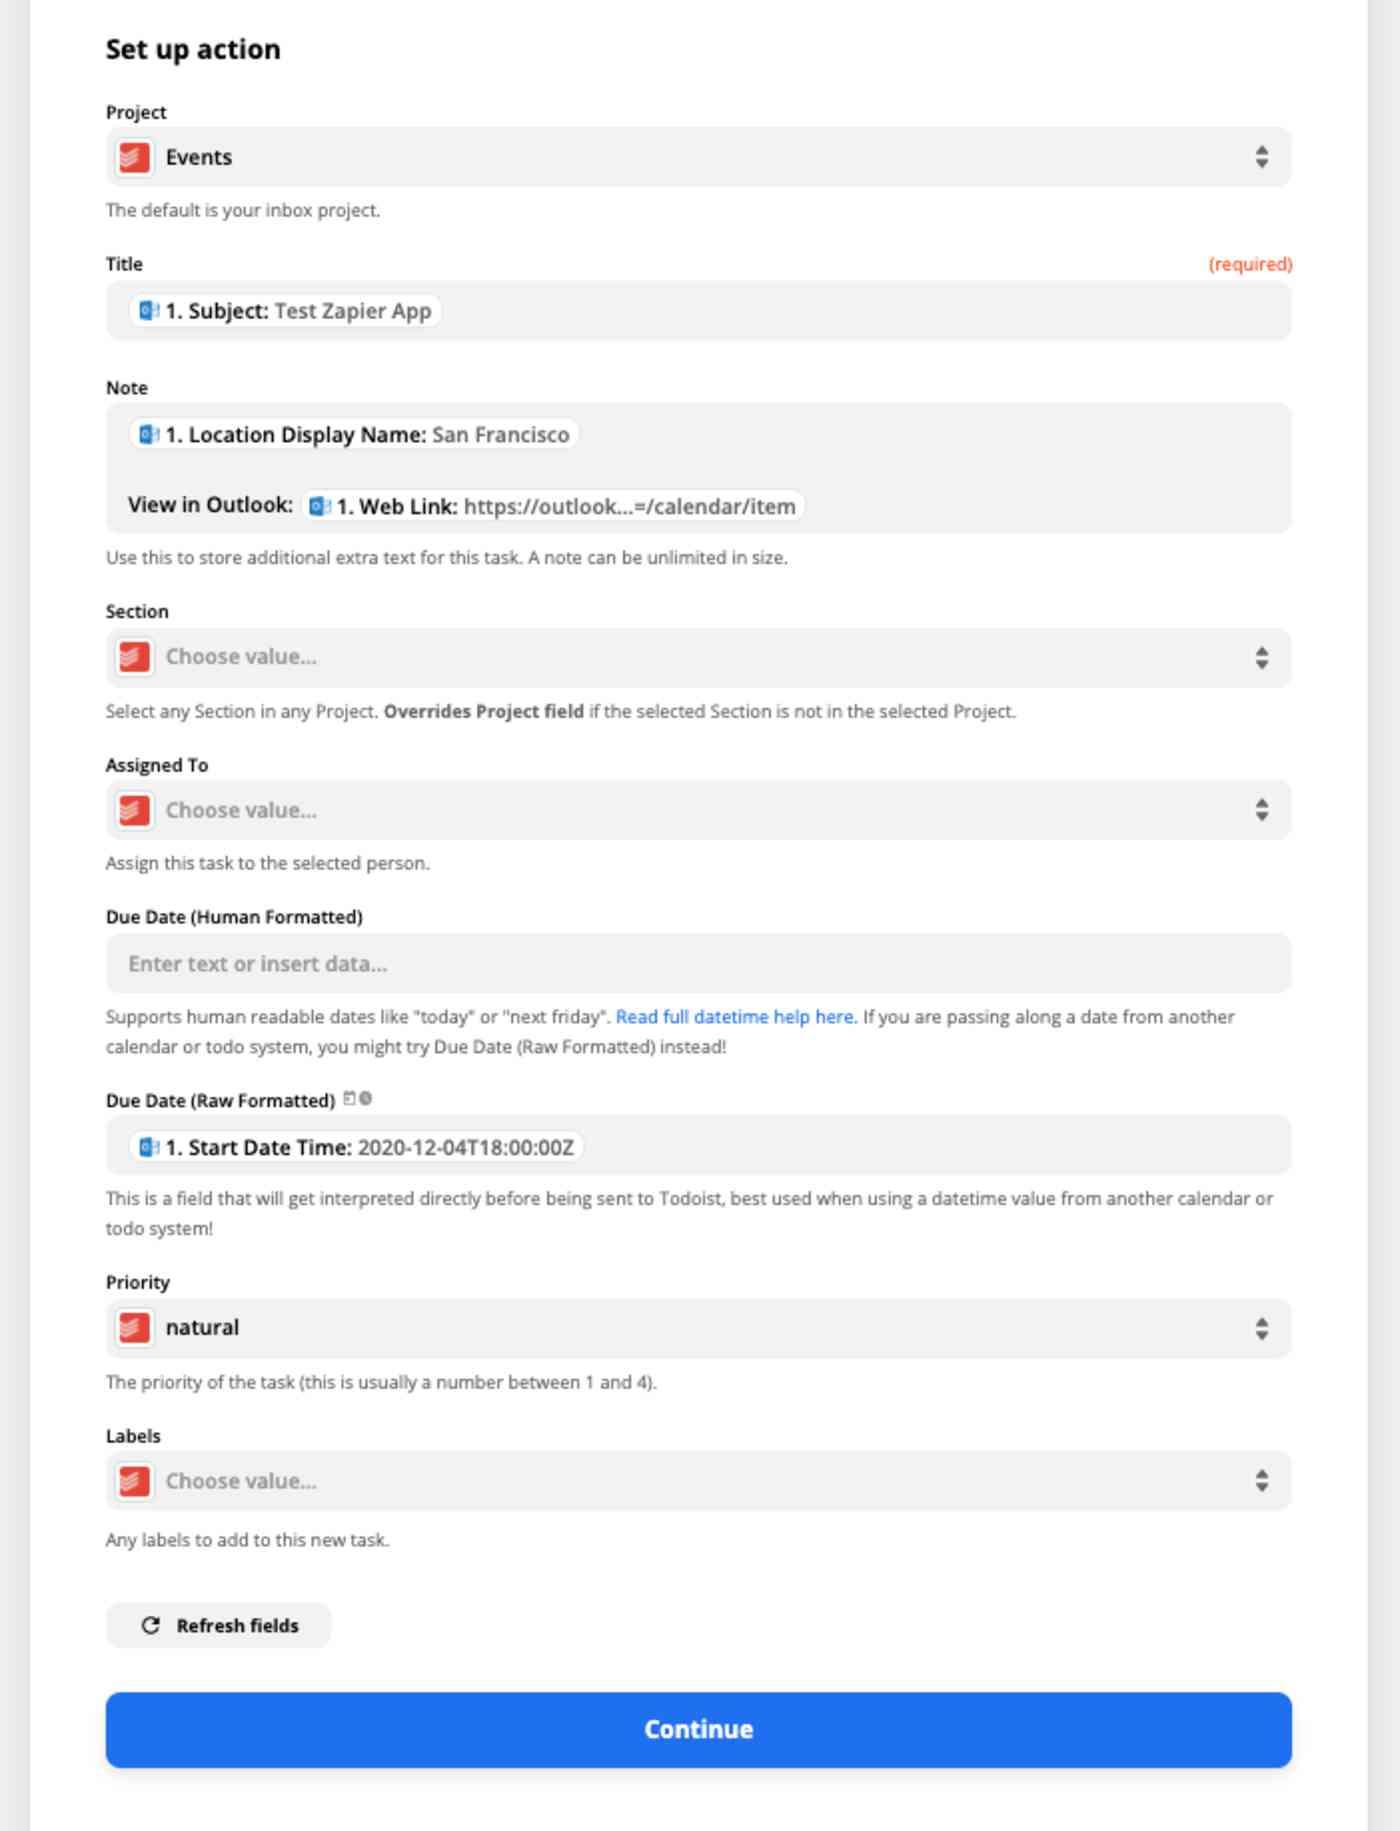 Zapier Action set-up details